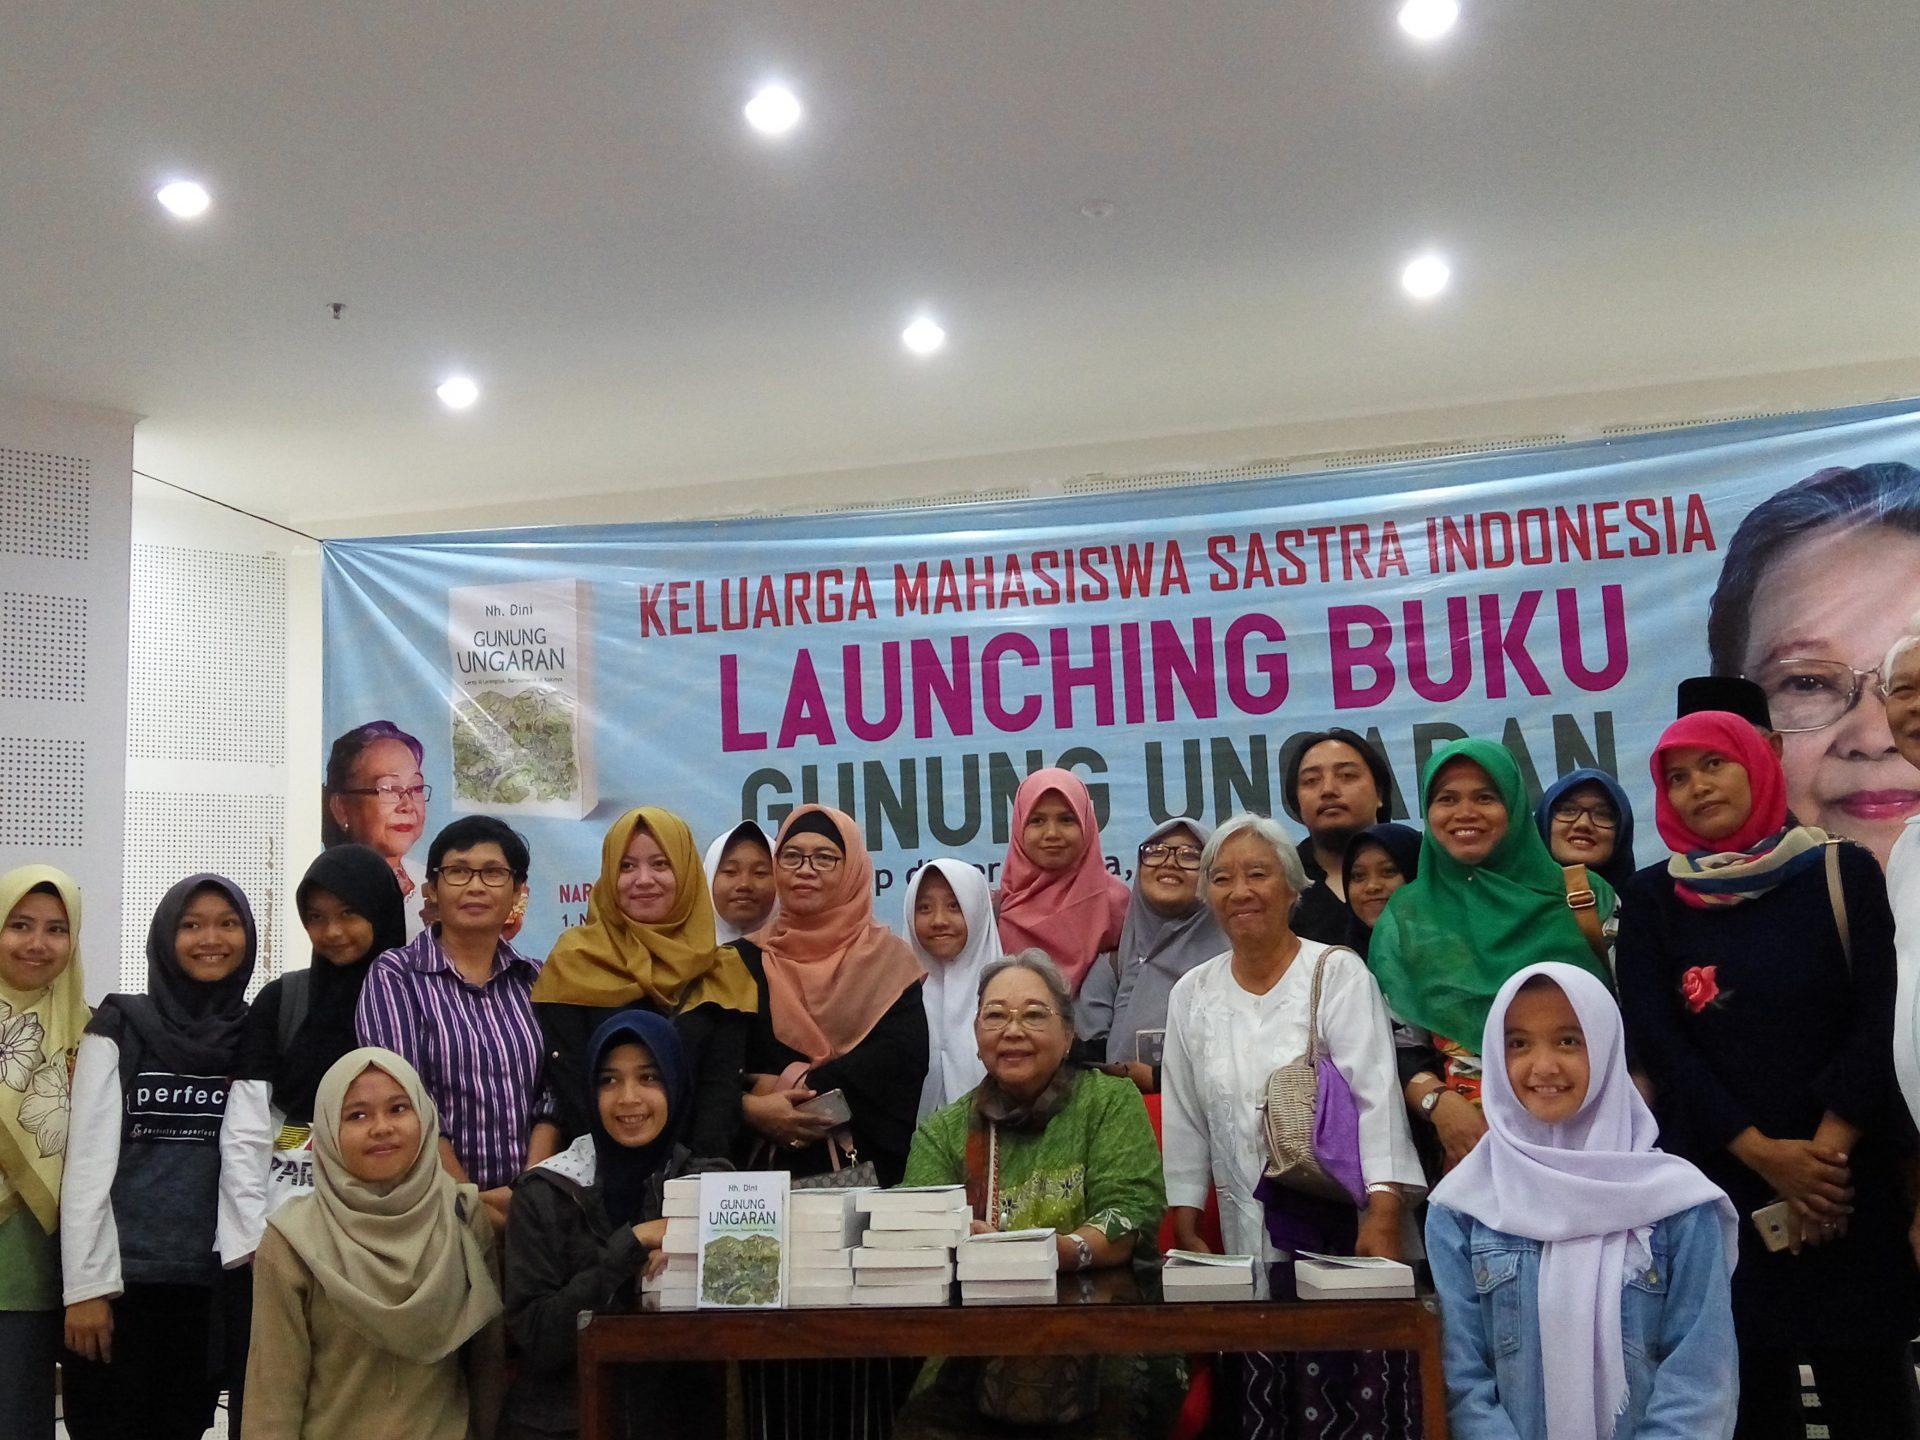 Launching Novel Gunung Ungaran, Merekap Kenangan dalam Tulisan